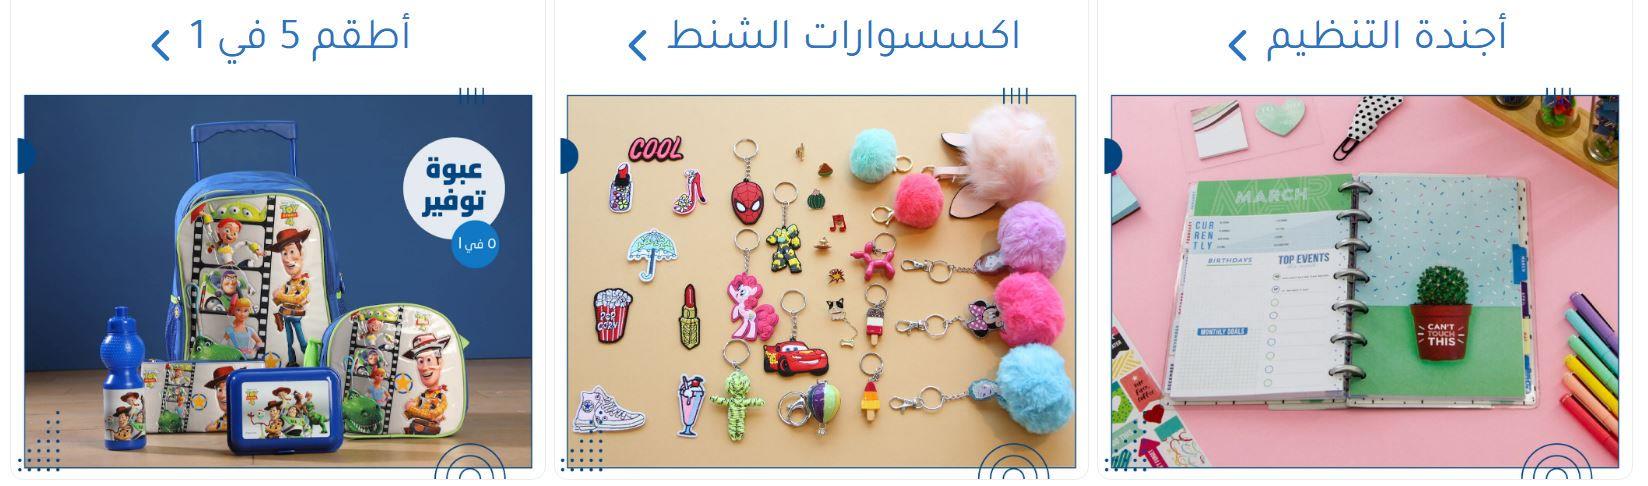 عروضالعودة للمدارس من jarir علي الادوات المكتبية